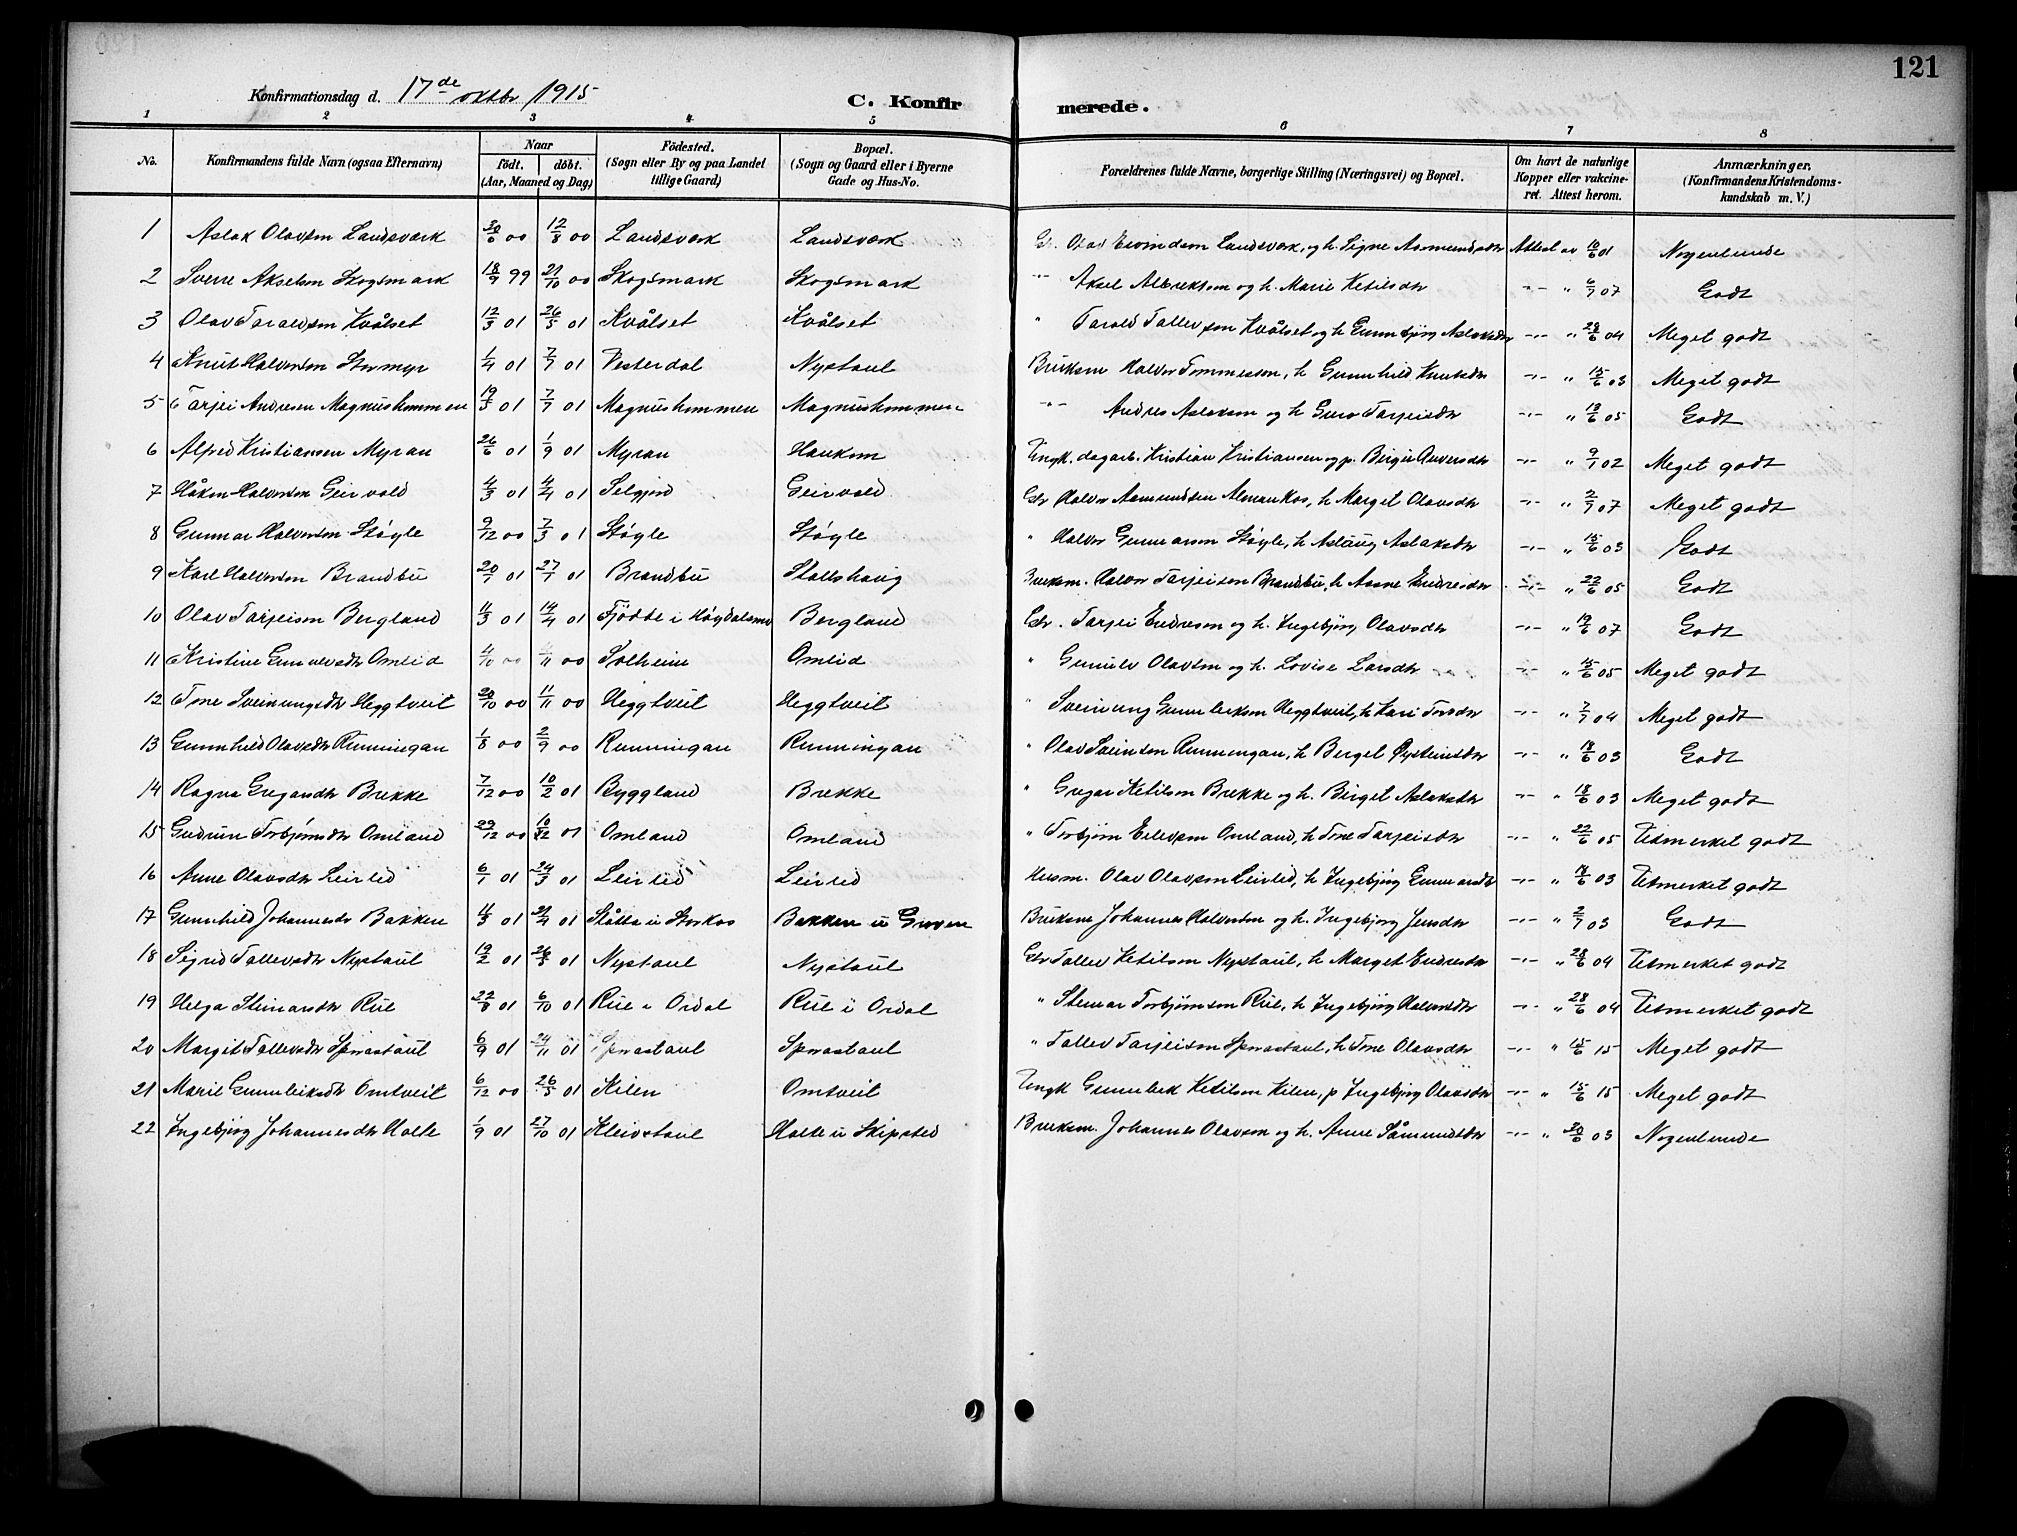 SAKO, Kviteseid kirkebøker, G/Gb/L0003: Klokkerbok nr. II 3, 1893-1933, s. 121